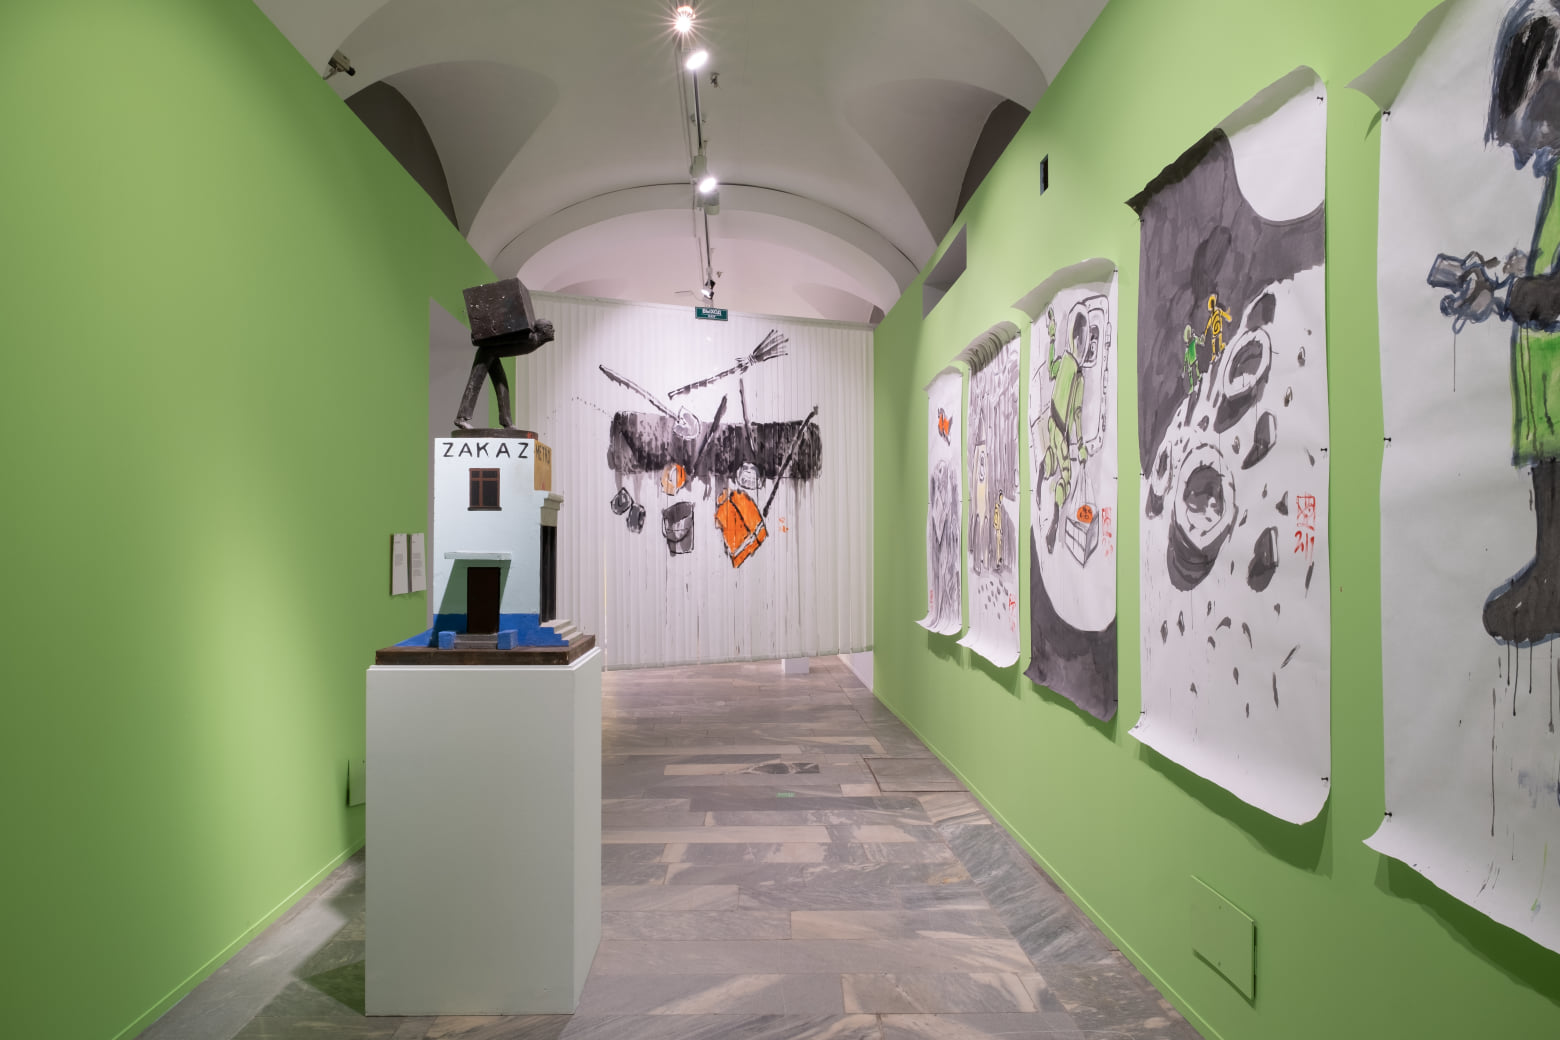 Скульптура «Курьер» Александра Повзнера и графика Алексея Иорша. Фрагмент экспозиции. Фотографии Research Arts (2020)